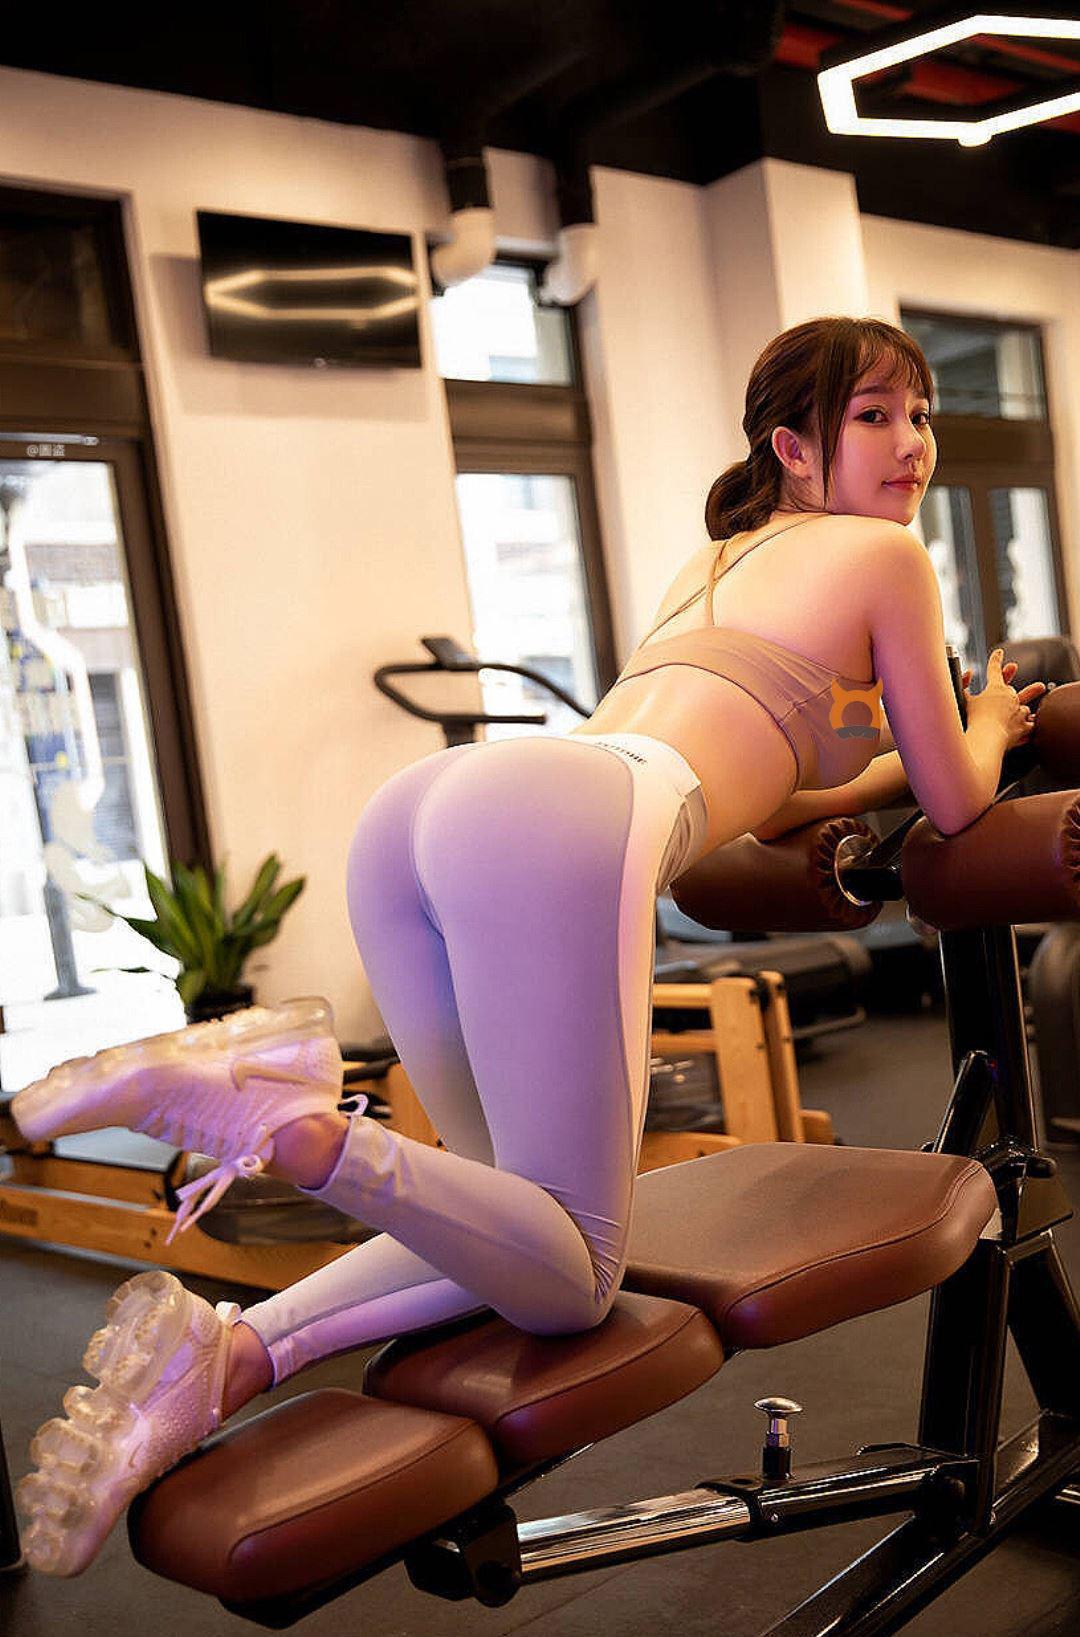 엉덩이 탱글한 헬스녀의 섹시한 레깅스 핏